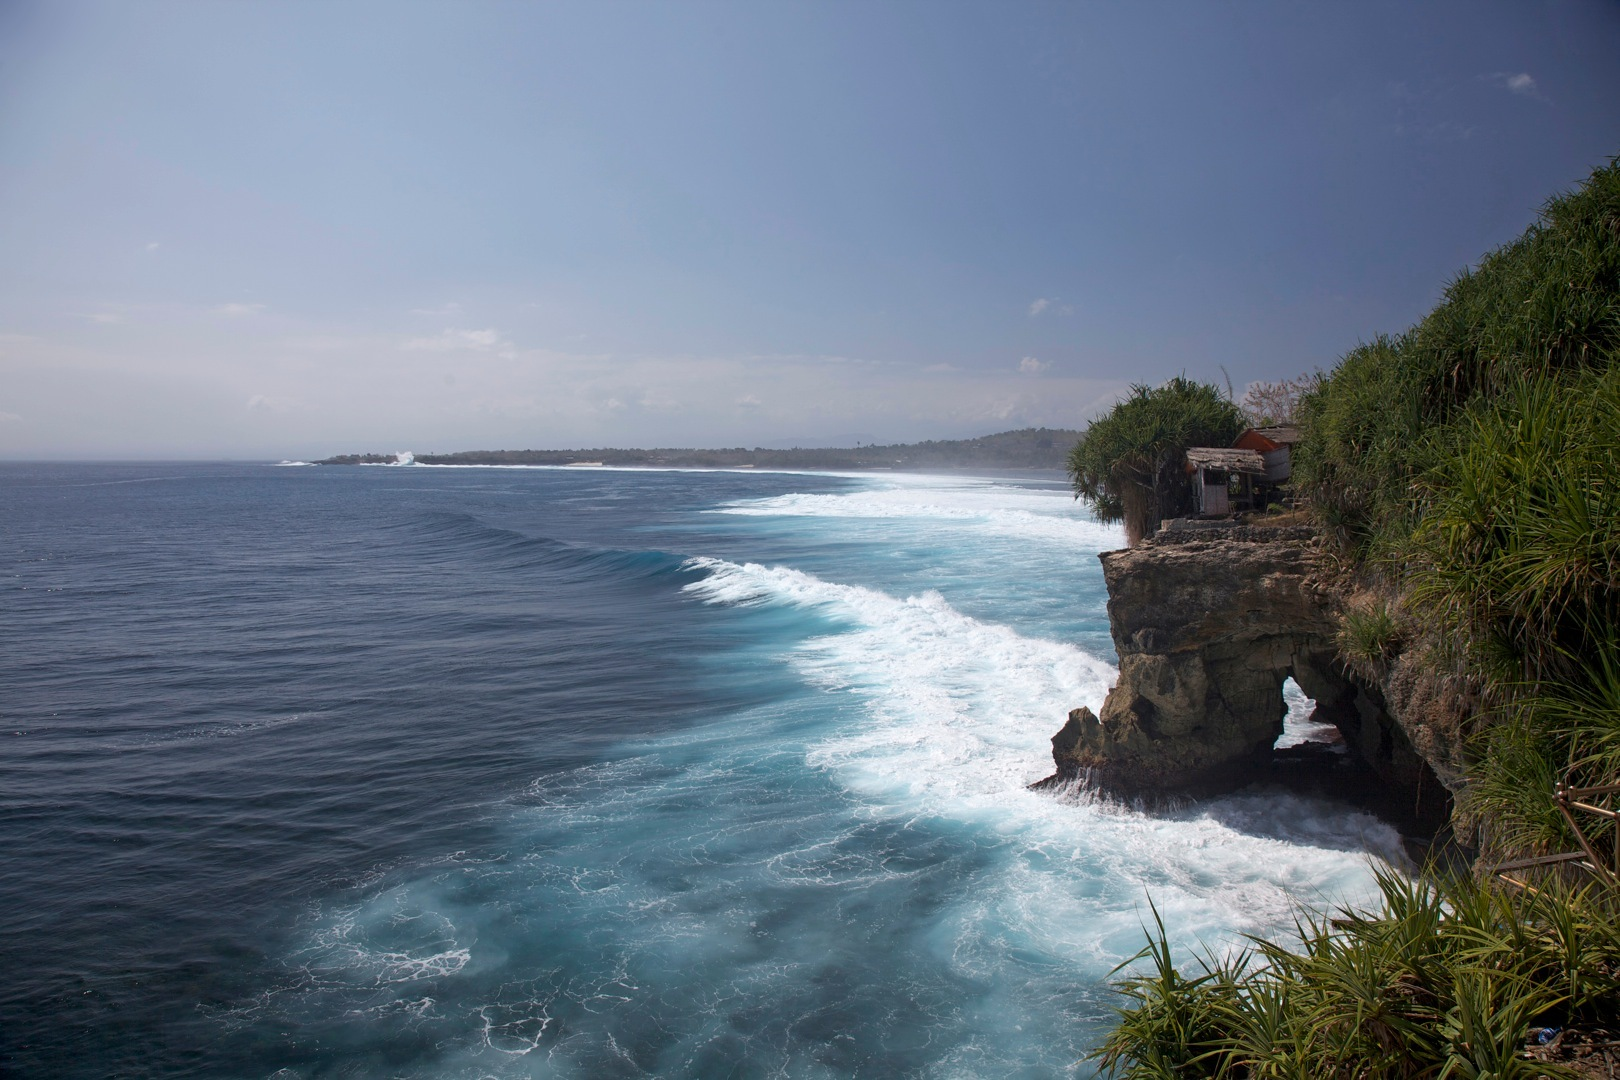 Carte Bali Serangan.Nusa Lembongan Travel Guide At Wikivoyage